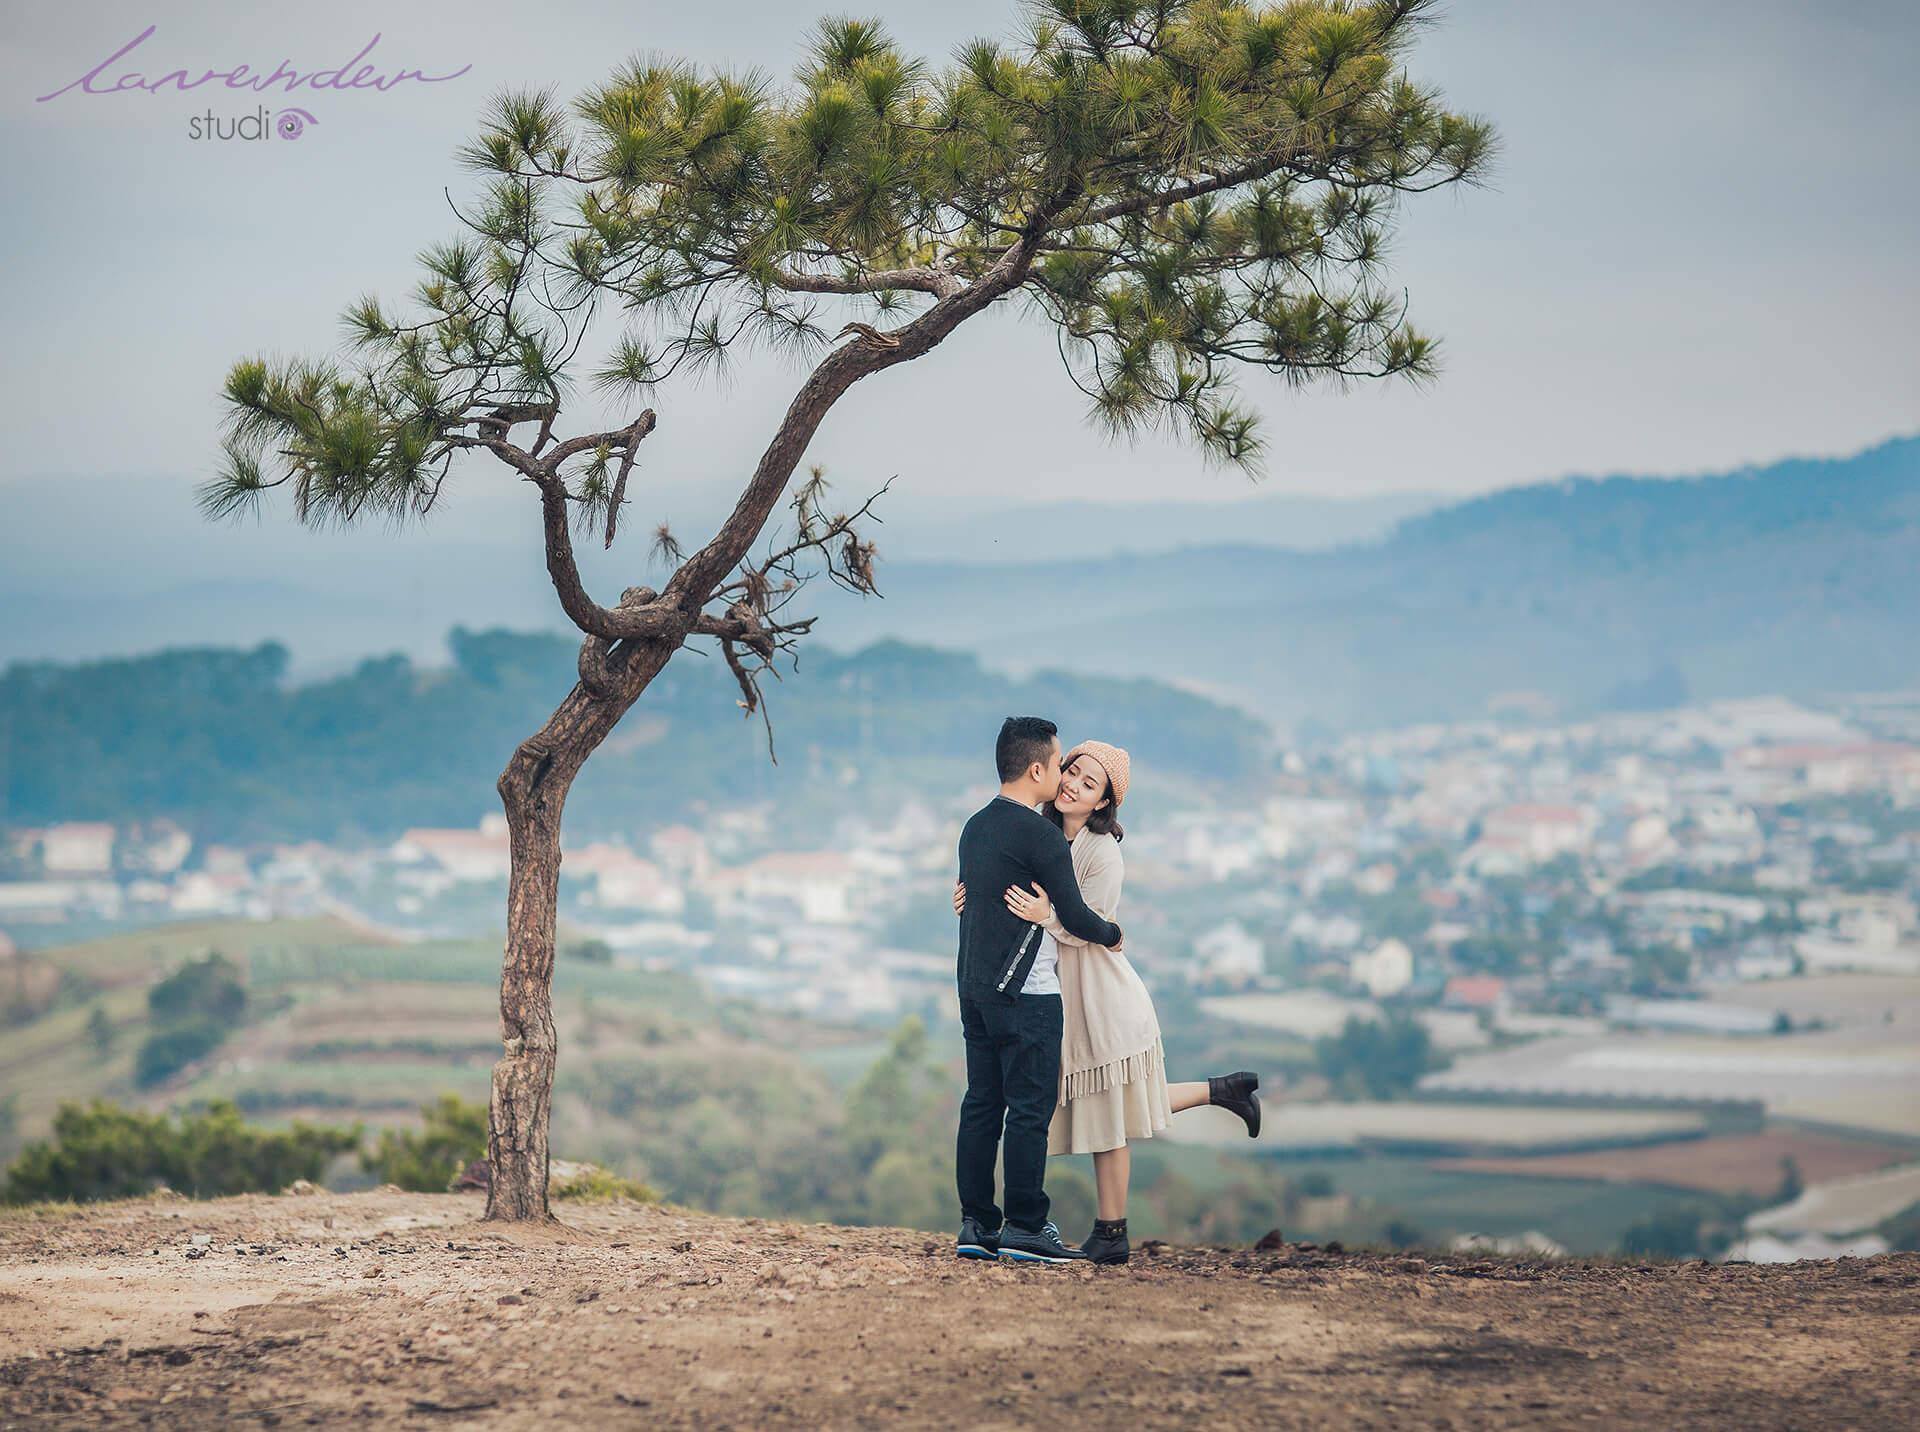 Tư vấn dịch vụ du lịch kết hợp chụp hình cưới